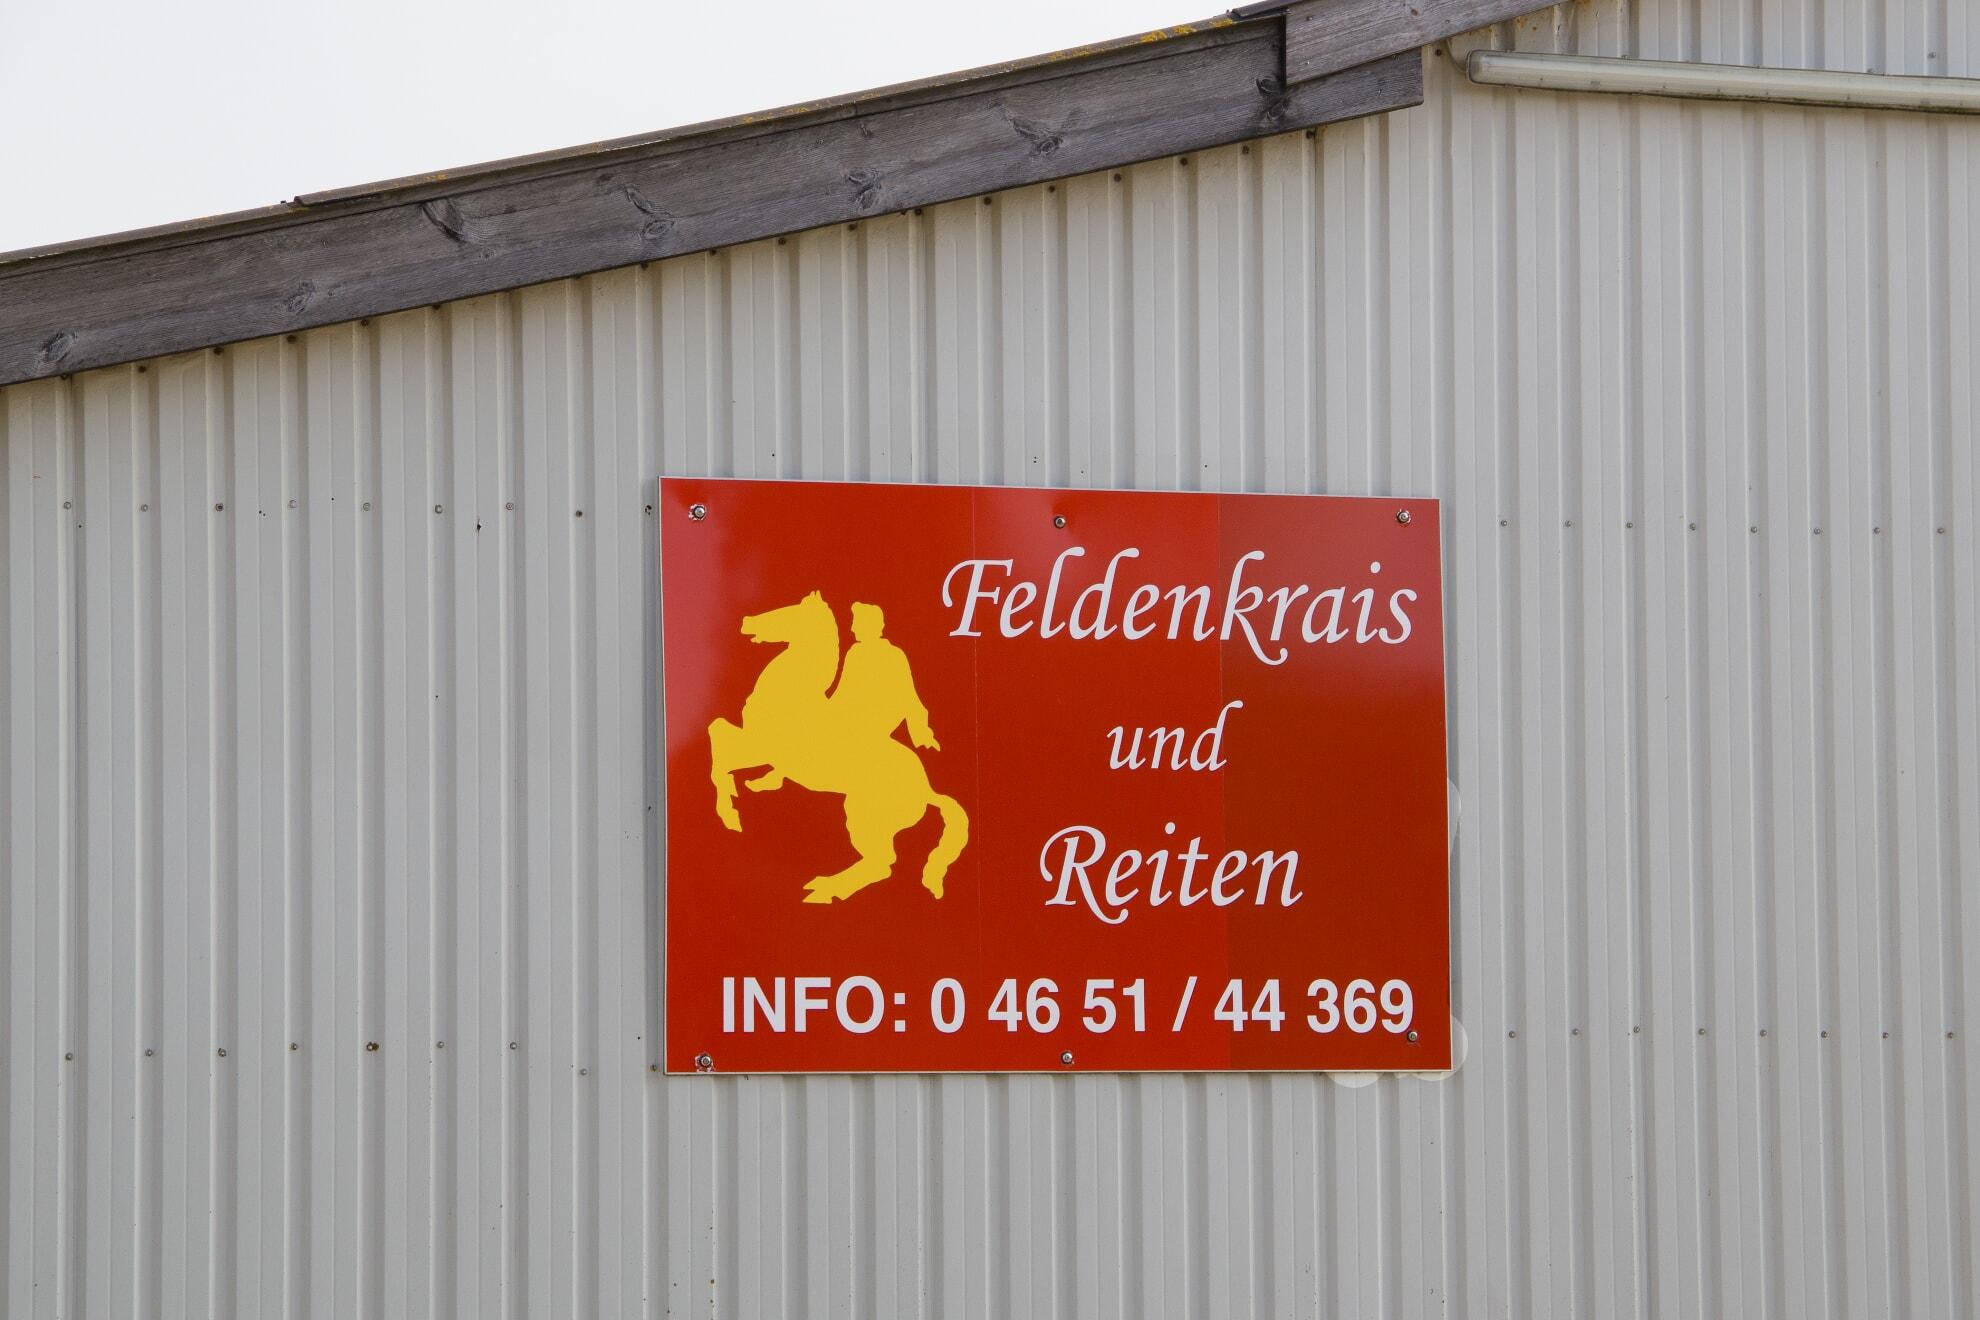 Feldenkrais und Reiten in Braderup